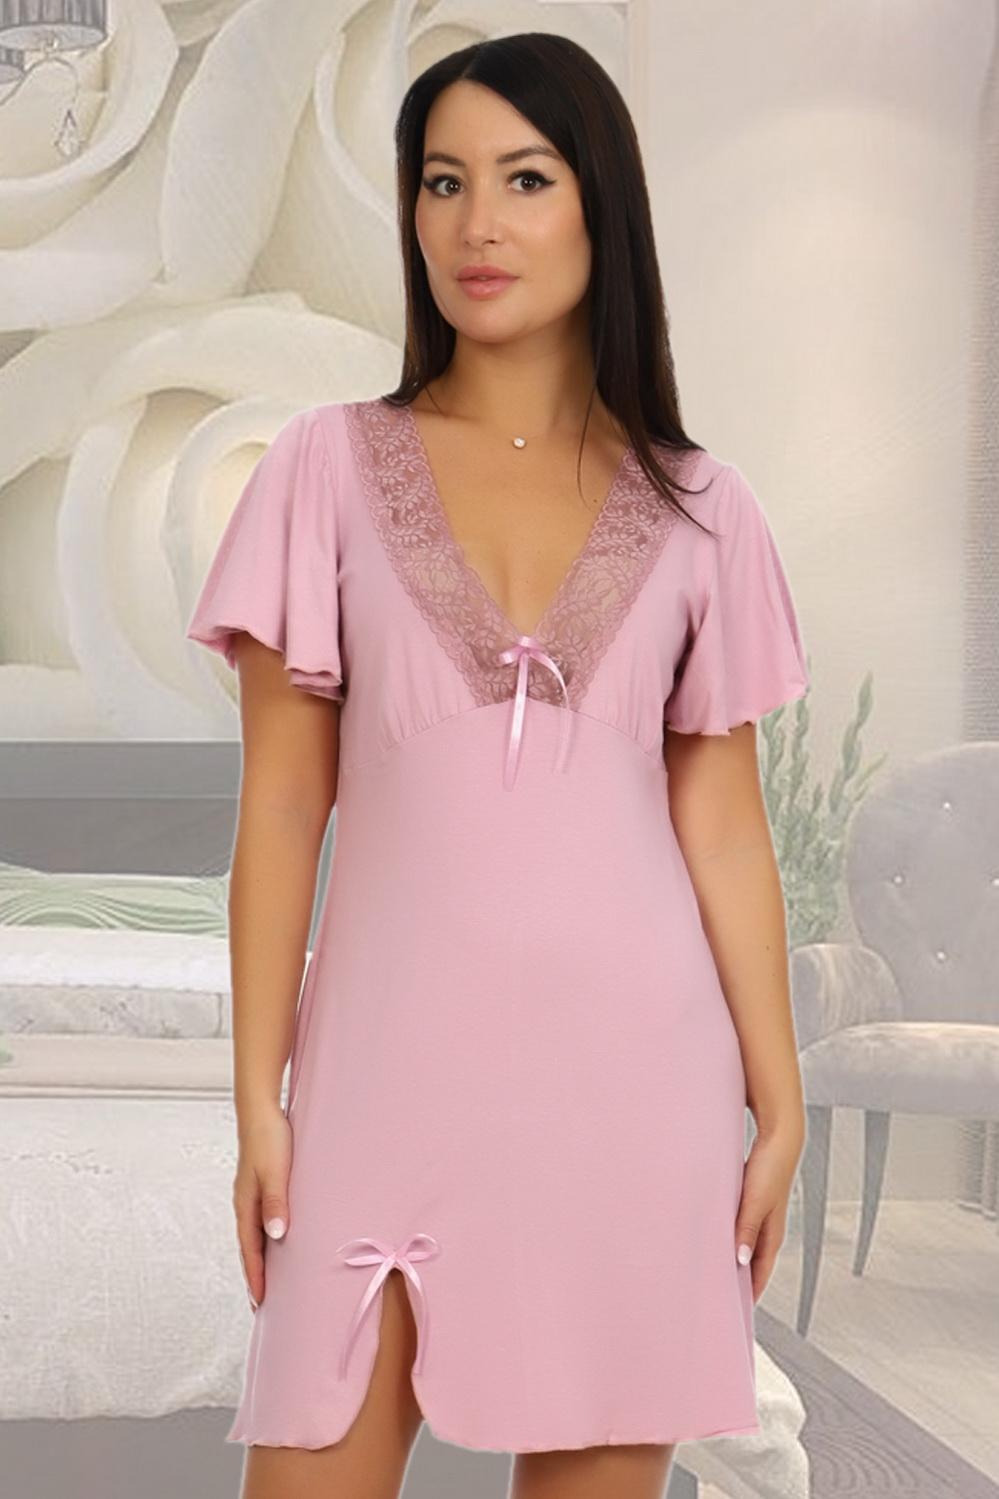 Сорочка женская iv52140 фото